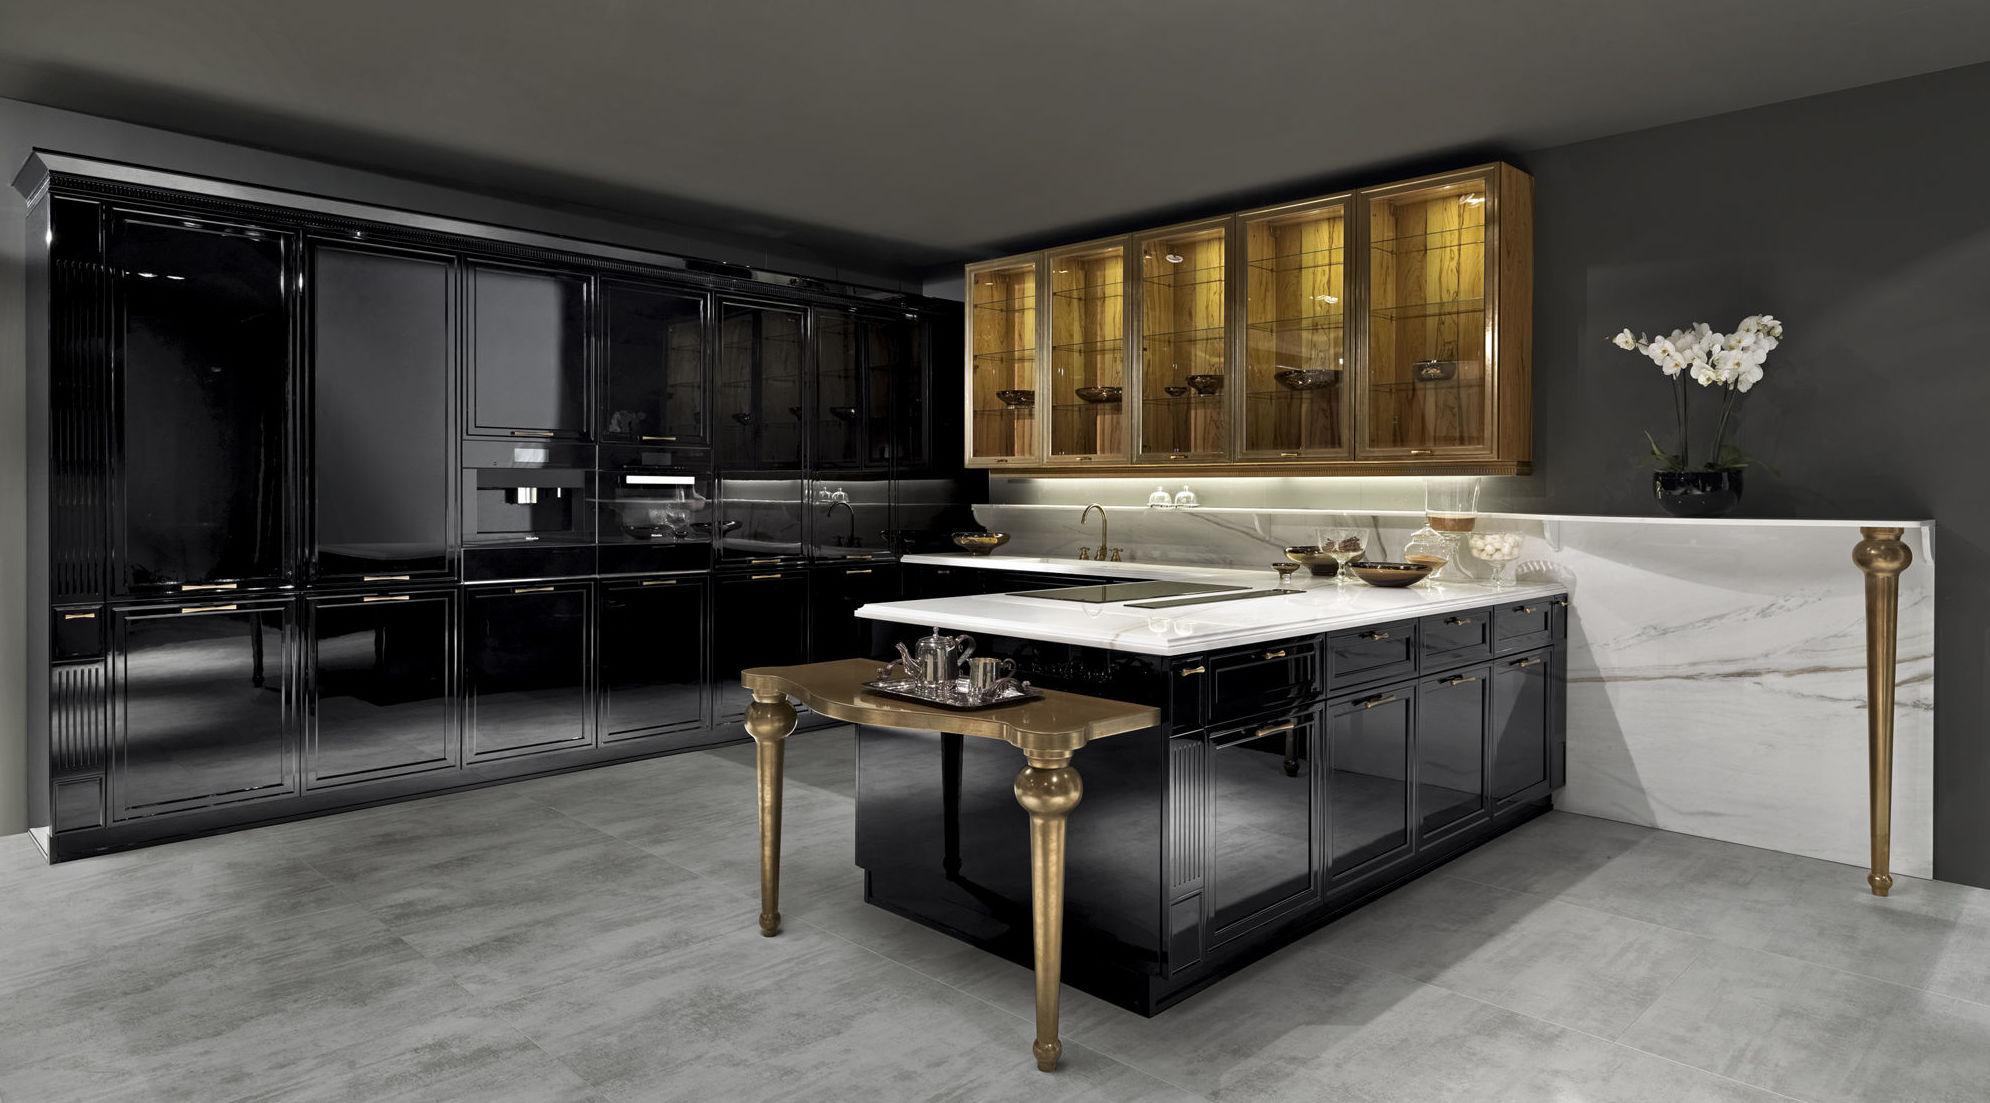 Premier, estudio de cocinas. Muebles de baño y cocina en Sevilla